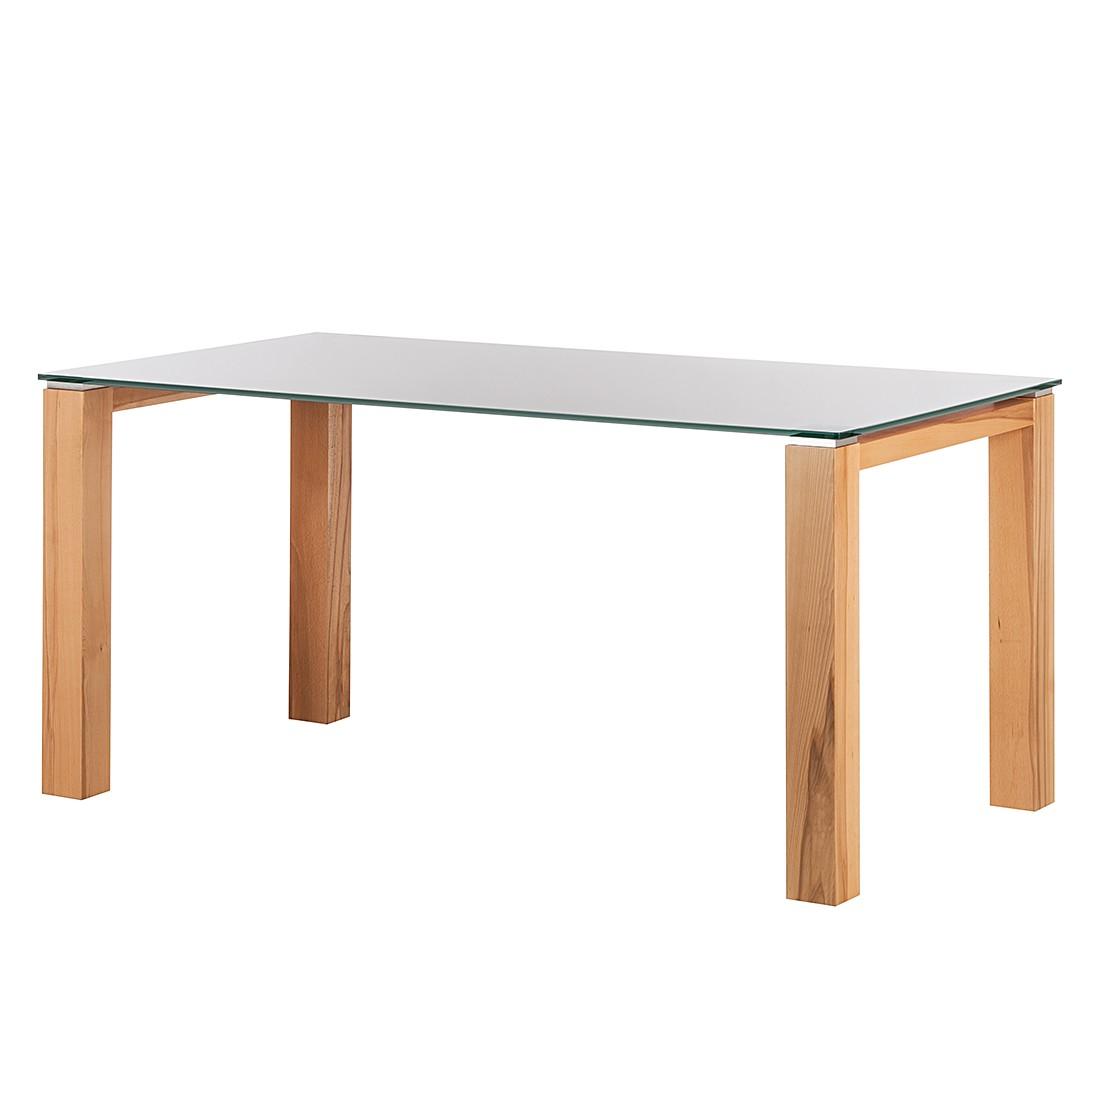 Glastisch Palma – Weiß lackiertes Glas/Kernbuche furniert – 160 x 90 cm, Niehoff kaufen